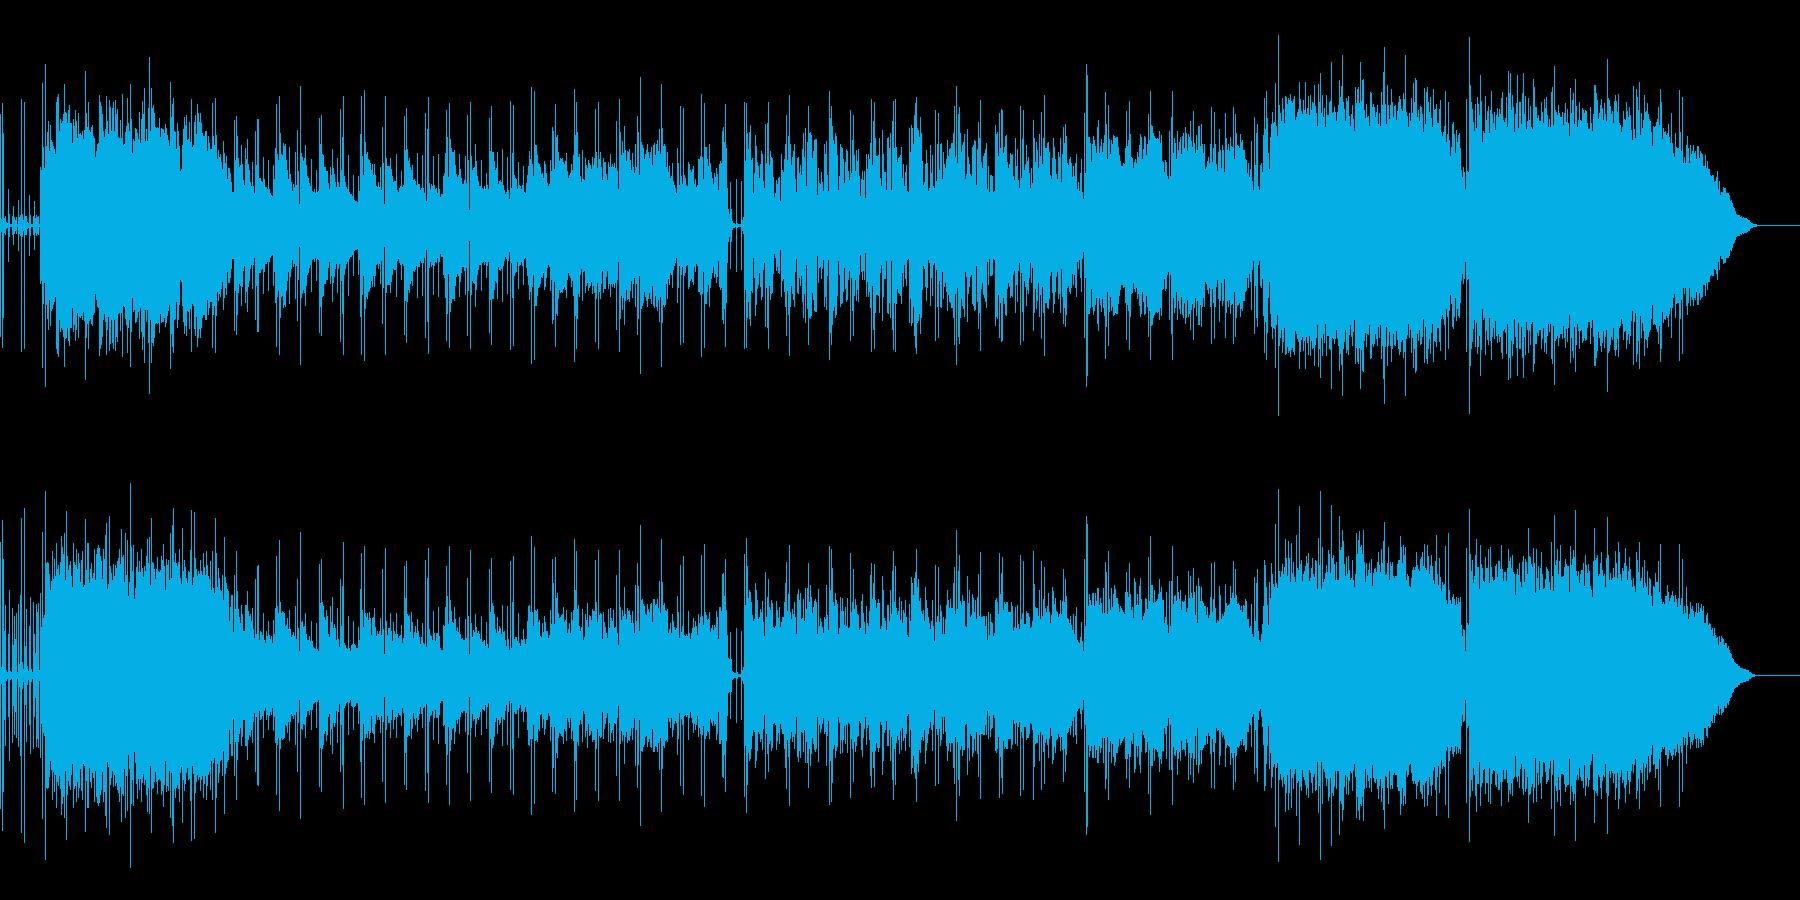 ギターの旋律が切ないバラードの再生済みの波形